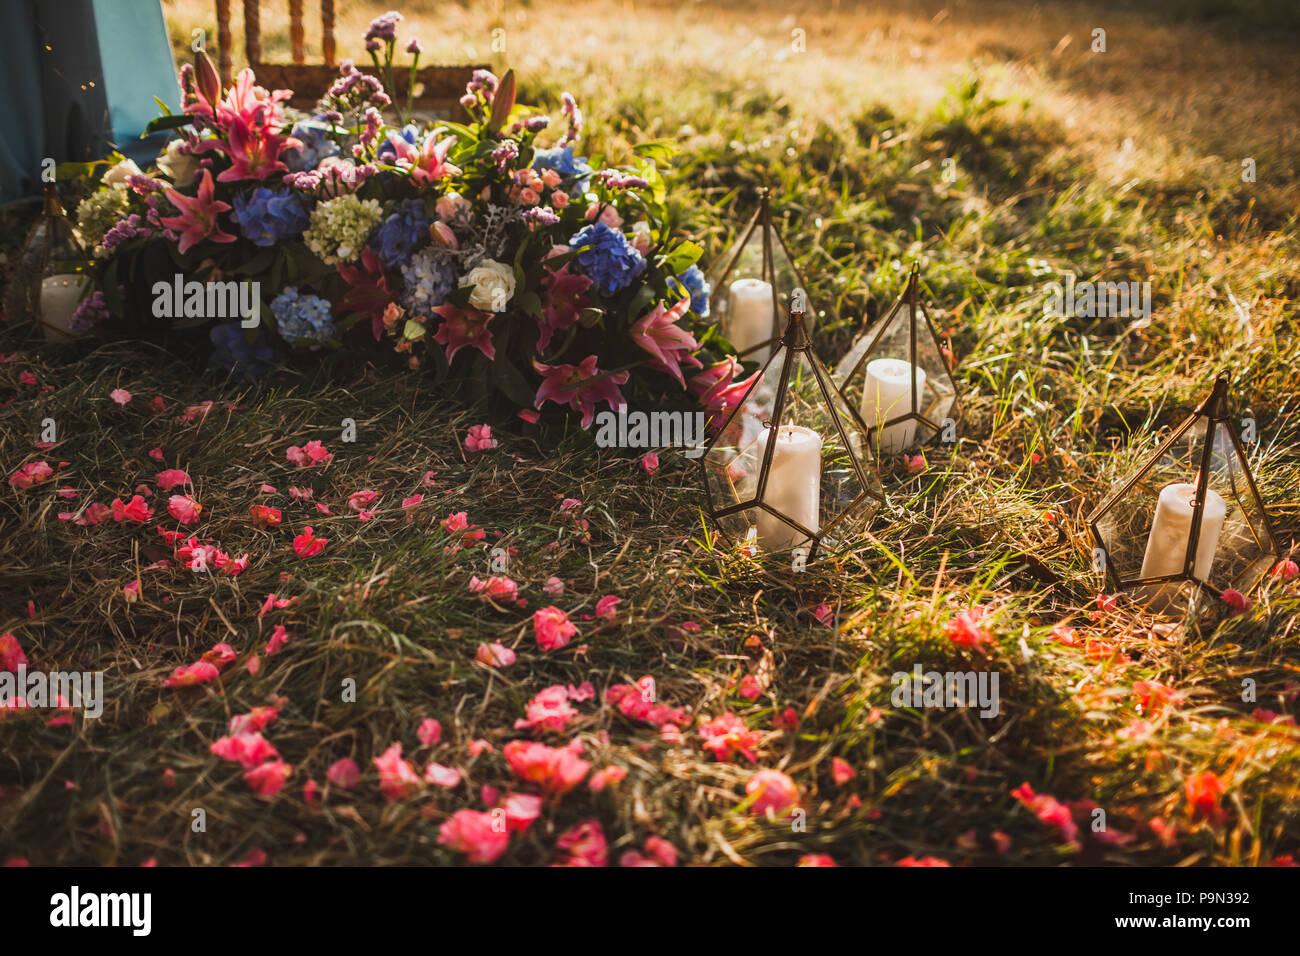 Hochzeit Dekoration Mit Vielen Kerzen Im Glas Transparent